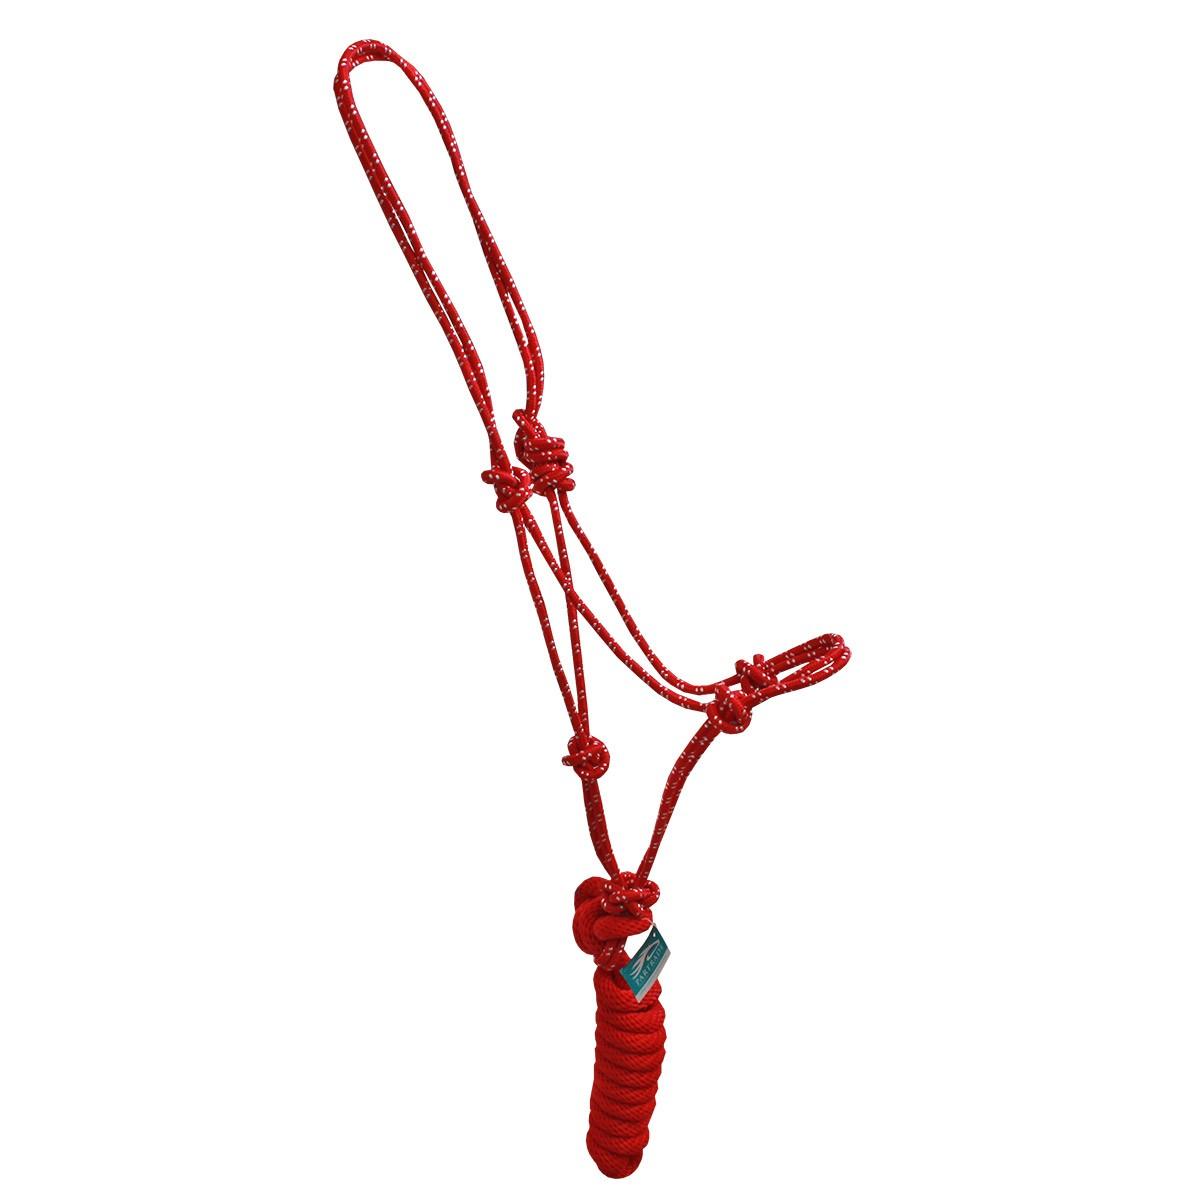 Cabresto Partrade Importado De Nylon Vermelho